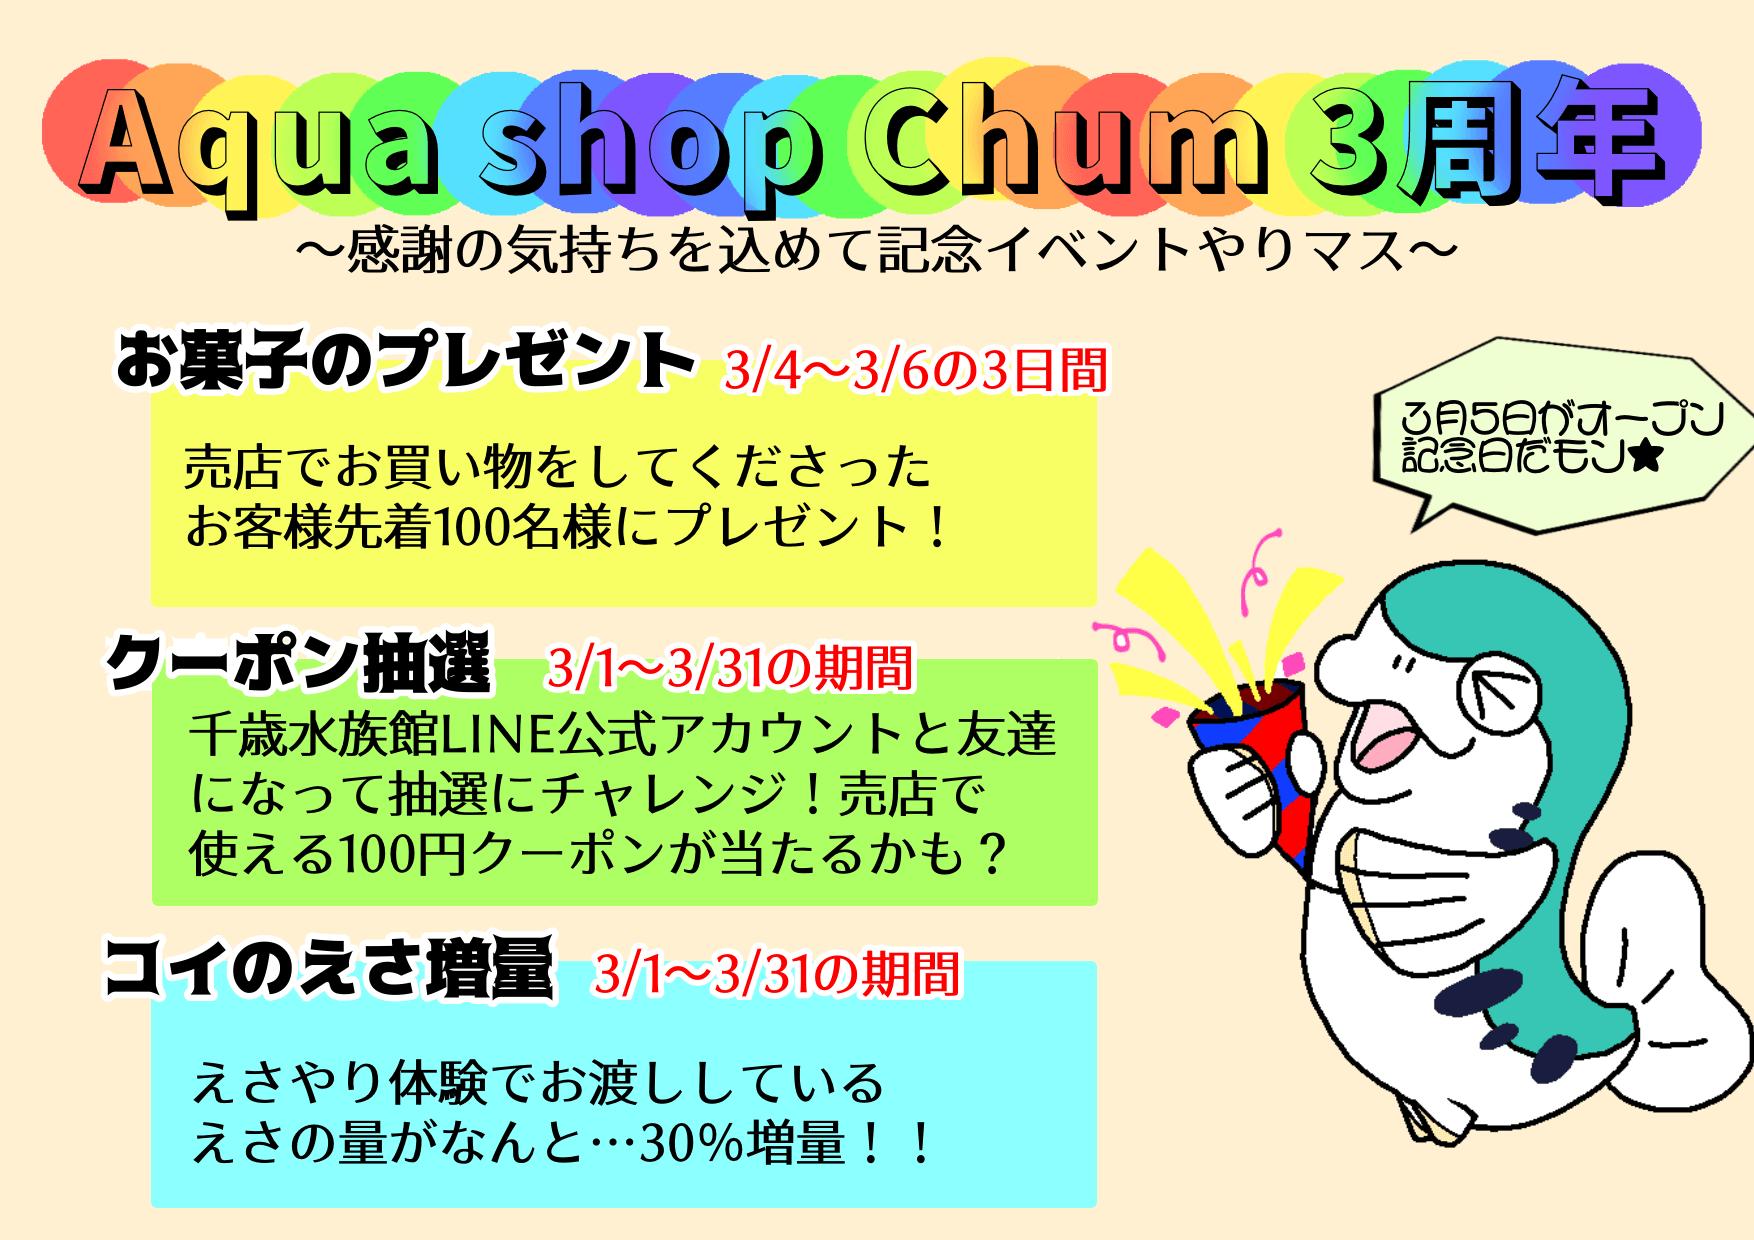 アクアショップ CHUMオープン3周年記念イベント開催!